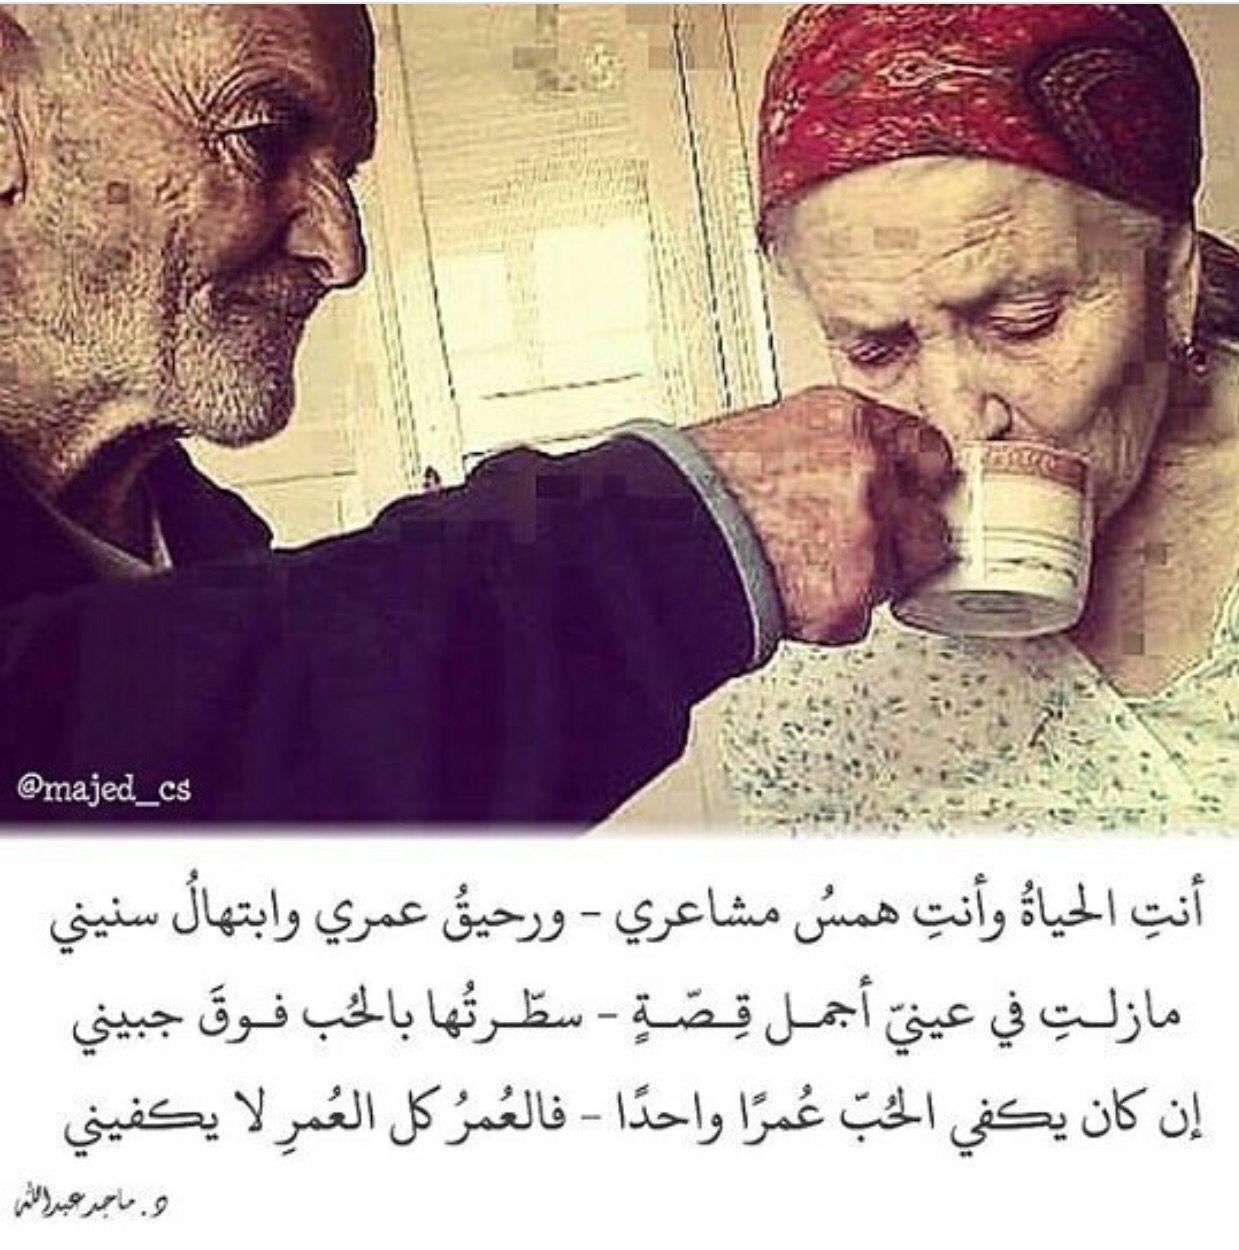 د ماجد عبدالله Arabic Love Quotes Arabic Quotes Words